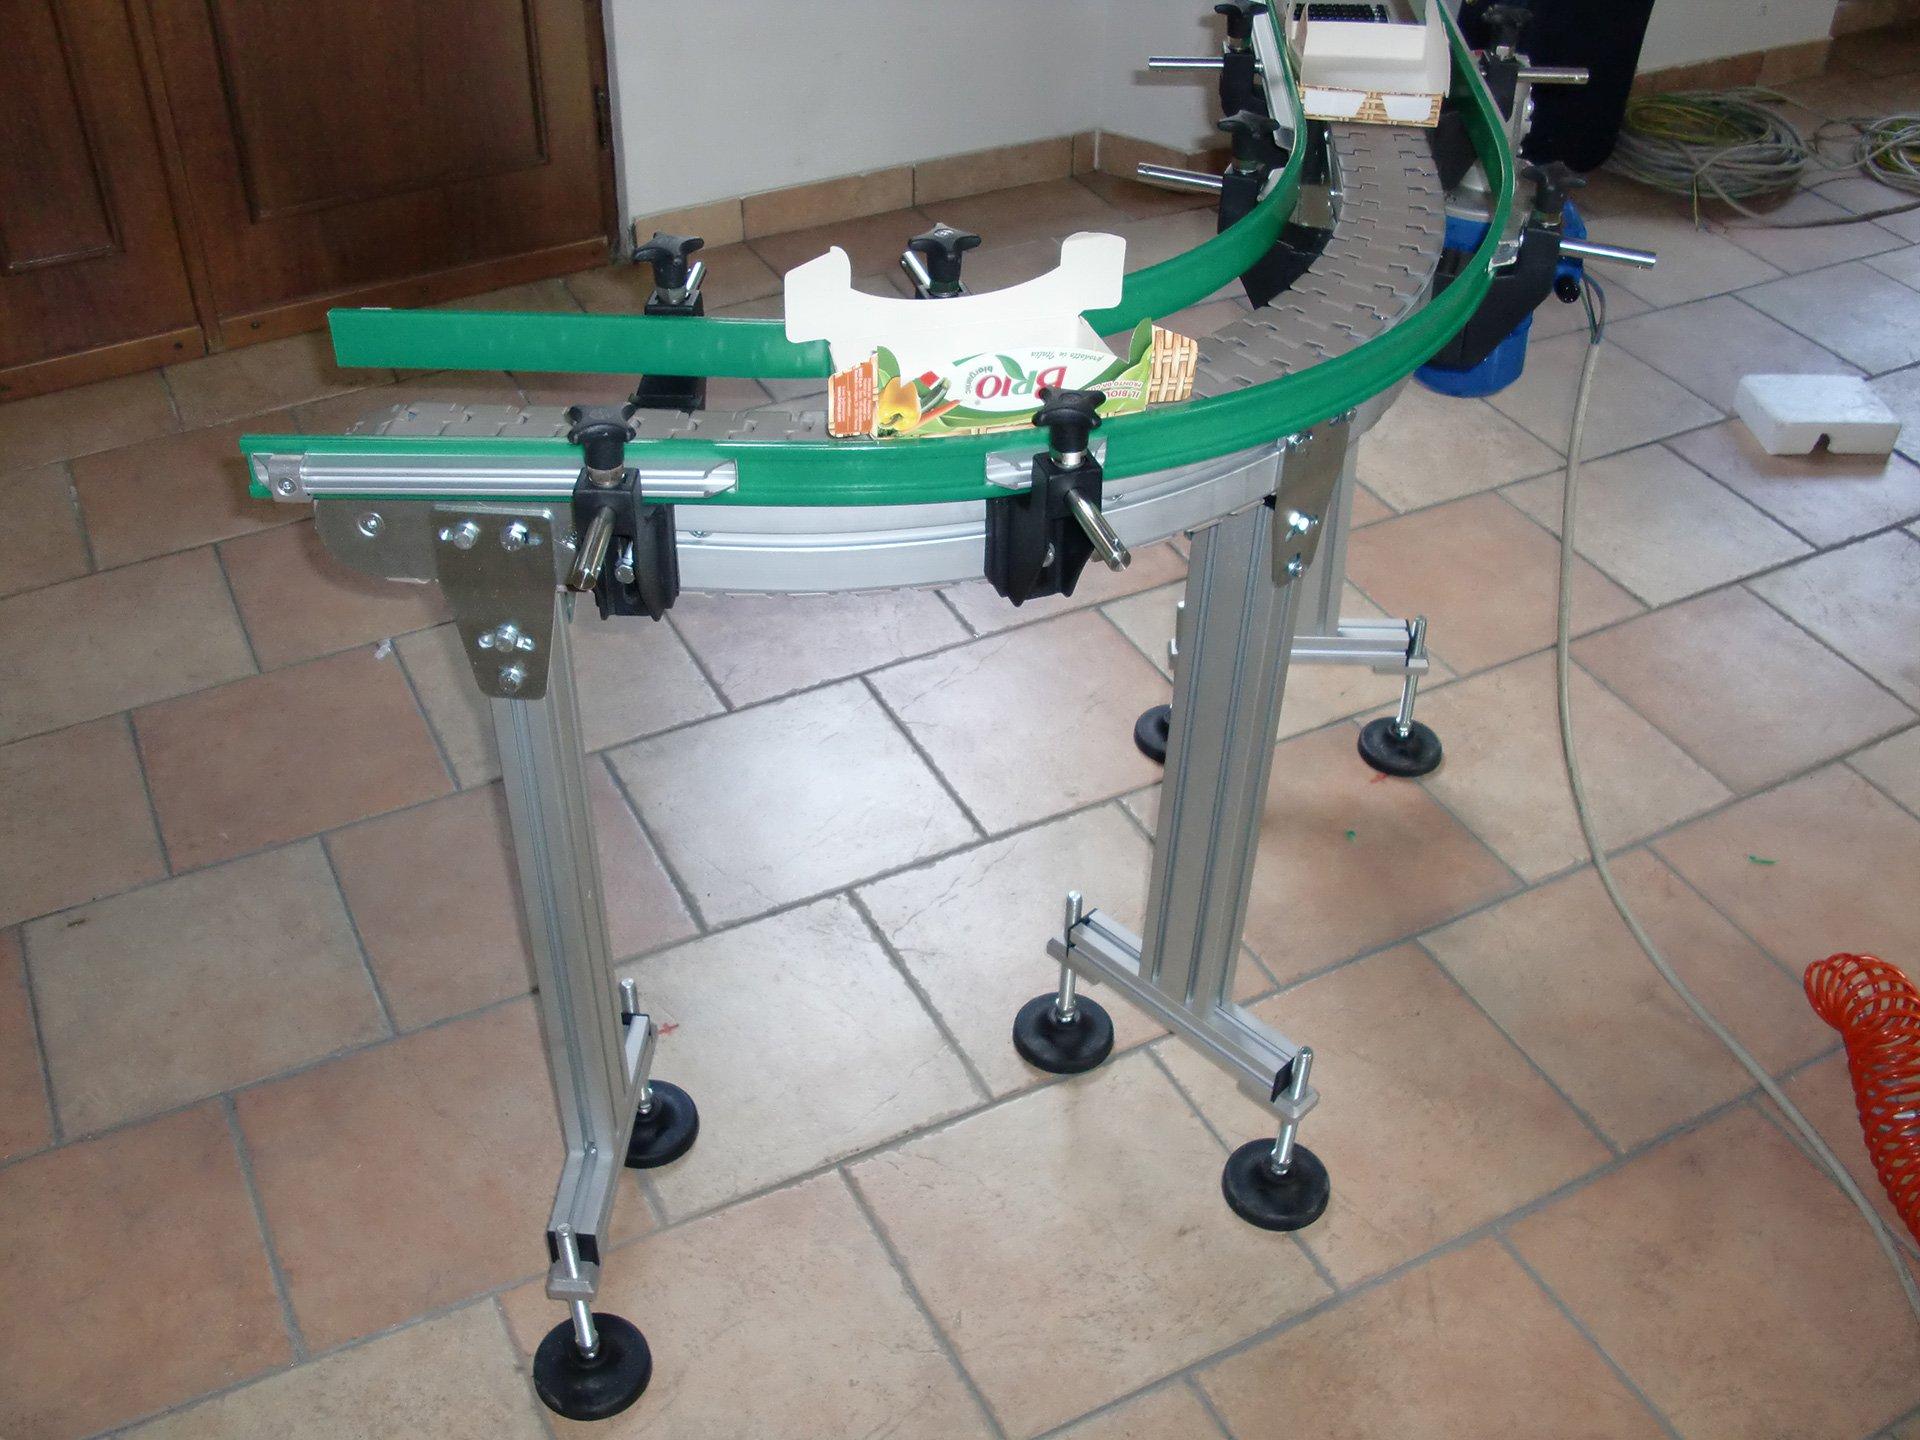 una struttura in ferro di color verde con dei rulli e sopra una scatola